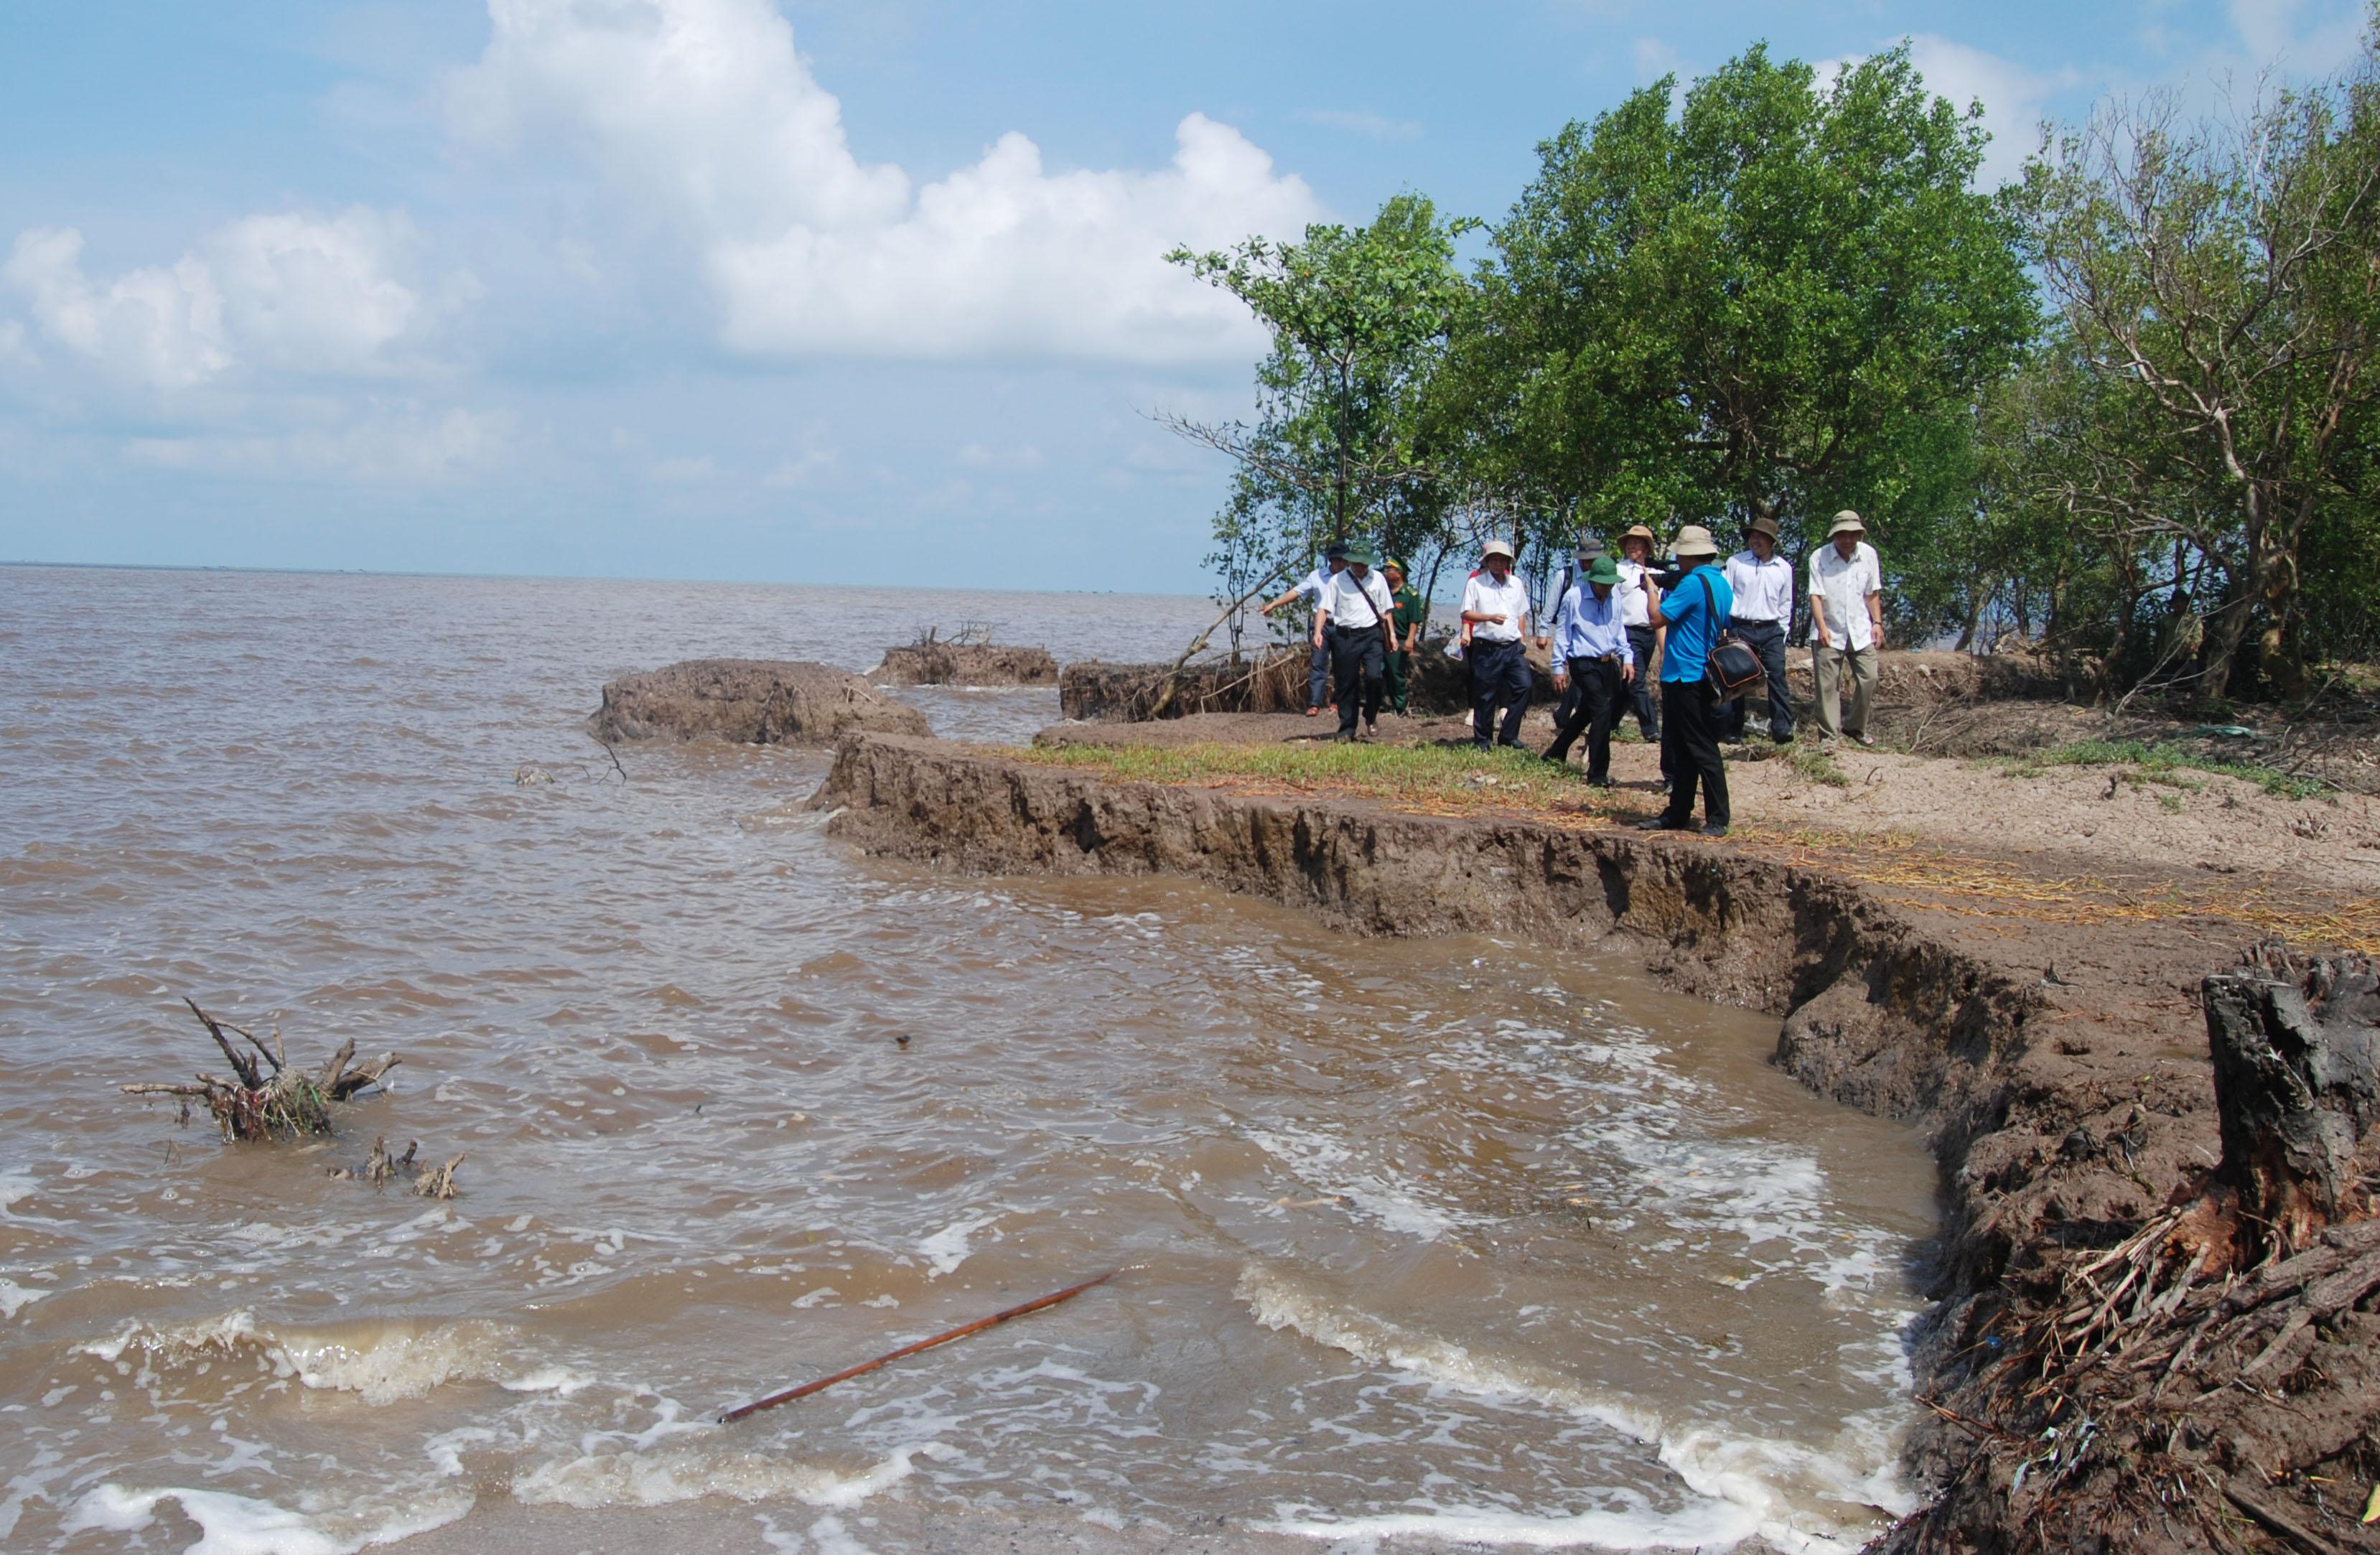 Các tỉnh đồng bằng sông Cửu Long cần làm gì để đối phó với thực trạng sạt lở ven biển? Bài 1: